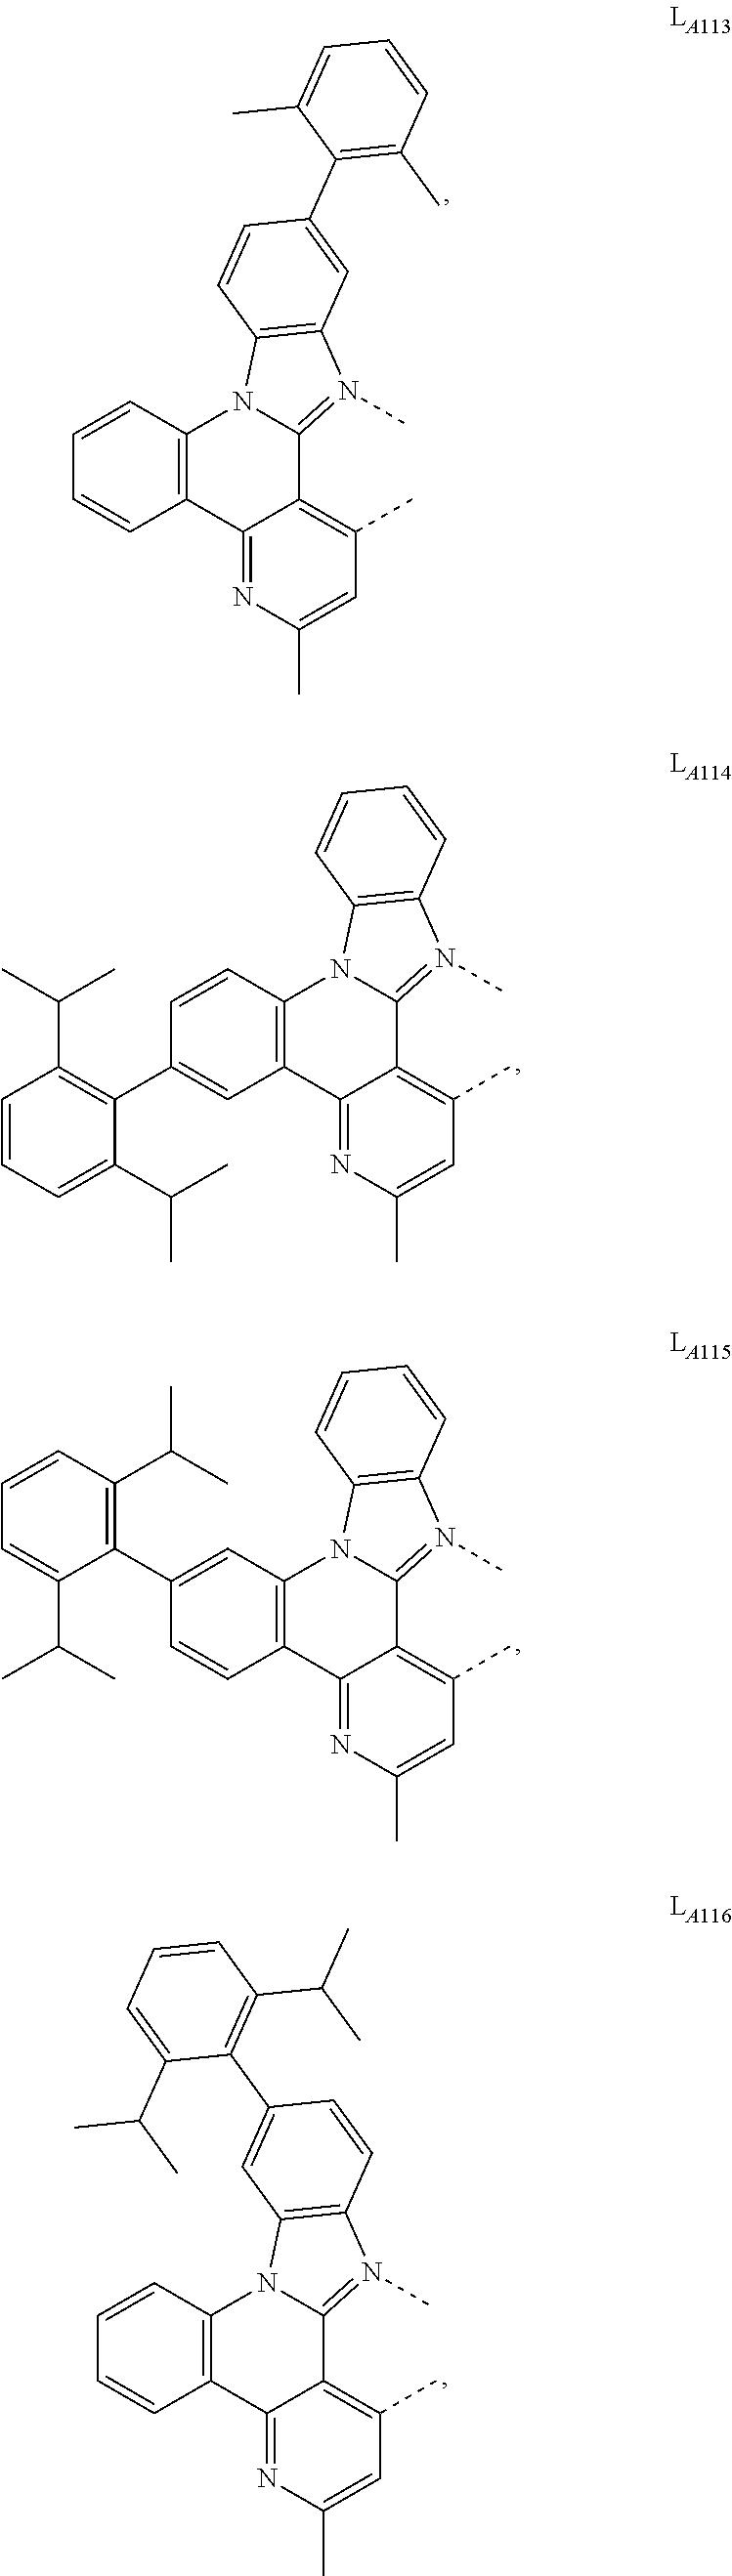 Figure US09905785-20180227-C00051